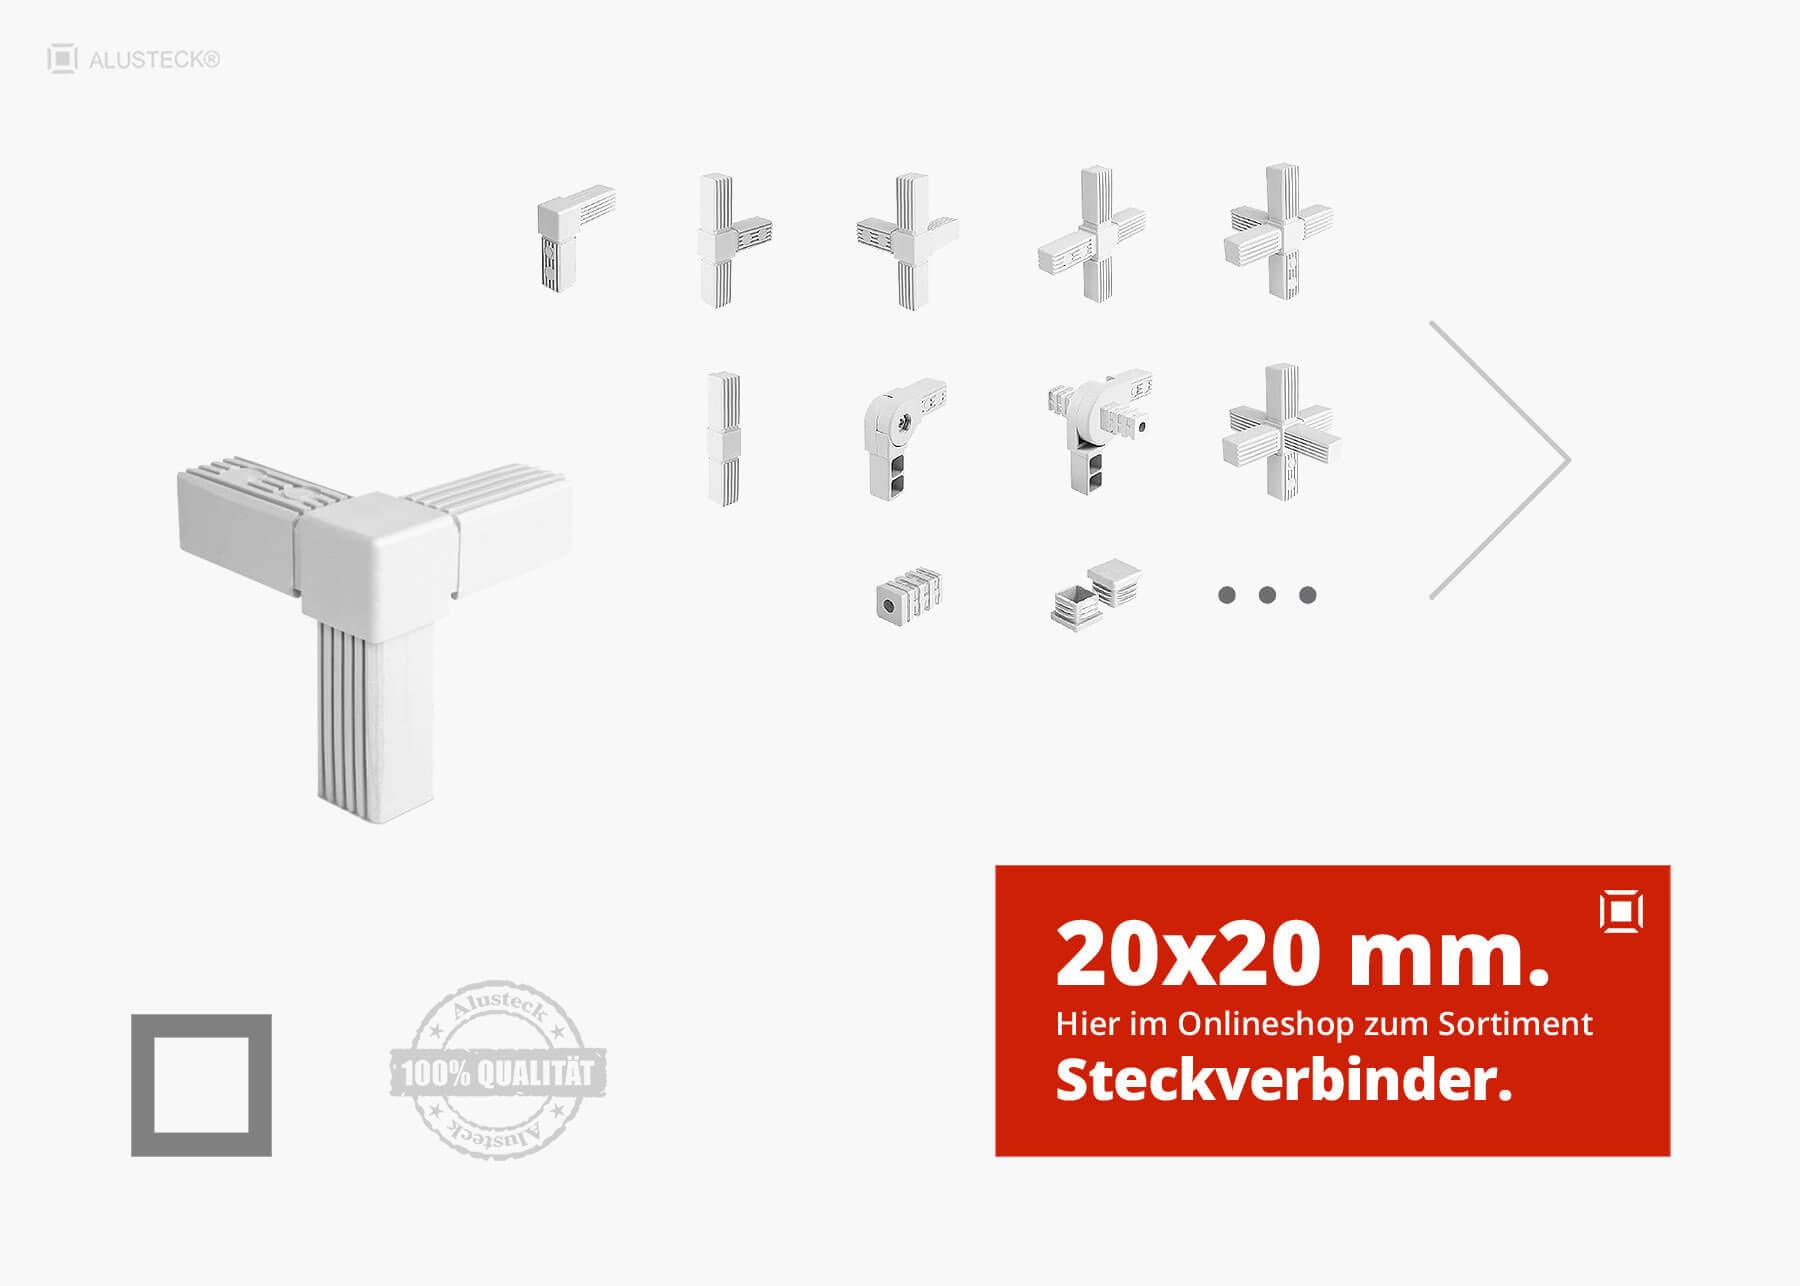 steckverbinder system 20x20mm alu stecksystem alusteck. Black Bedroom Furniture Sets. Home Design Ideas